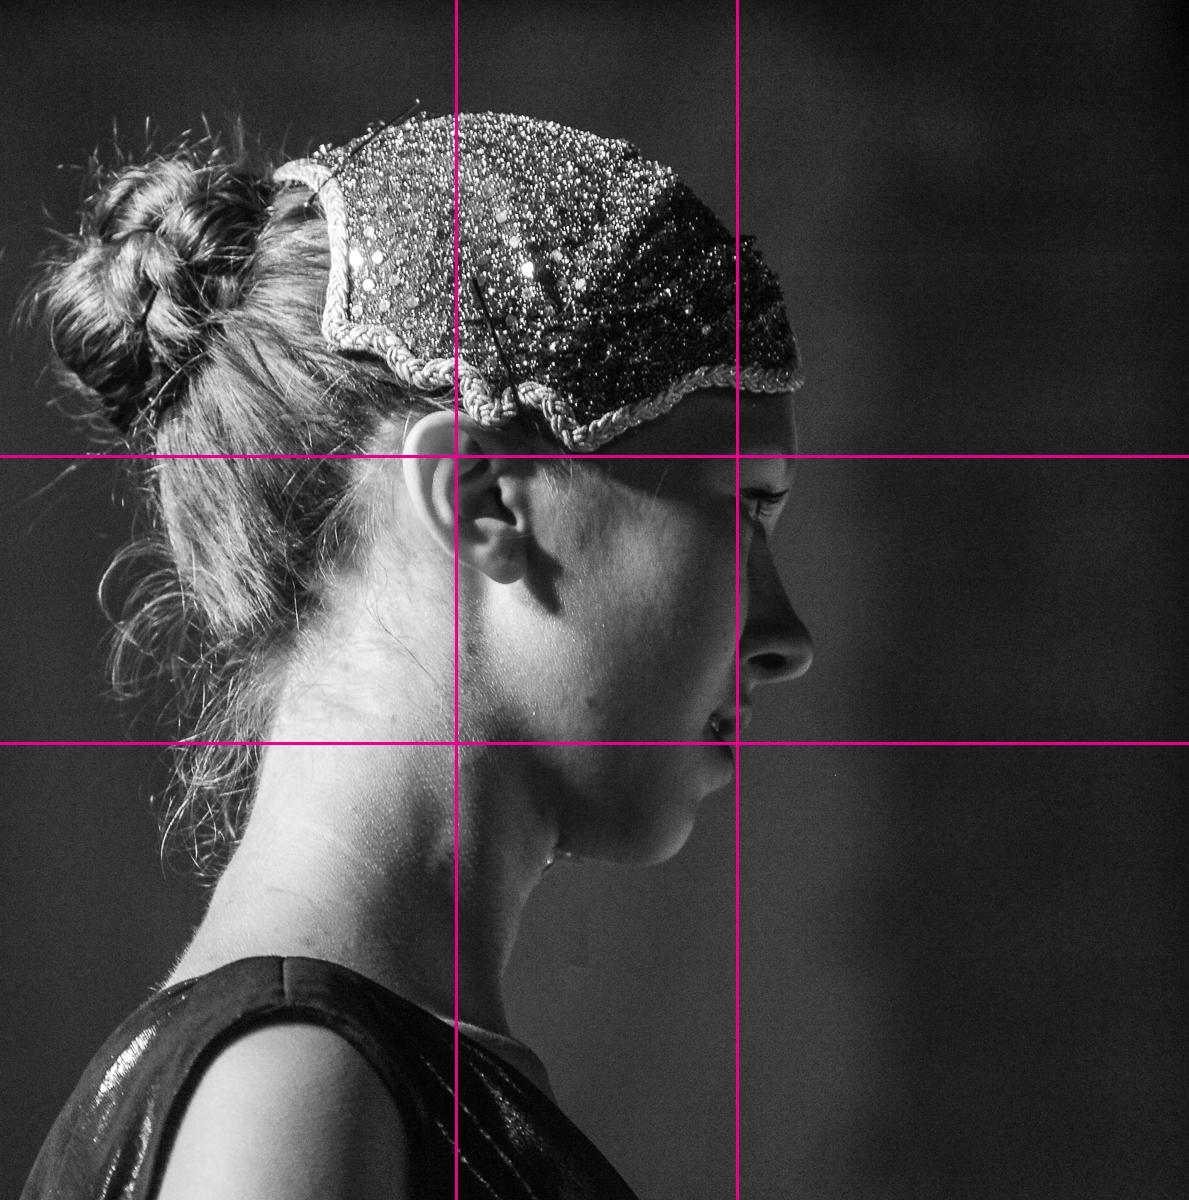 Leserfoto – Porträt einer Tänzerin: Der richtige Augenblick